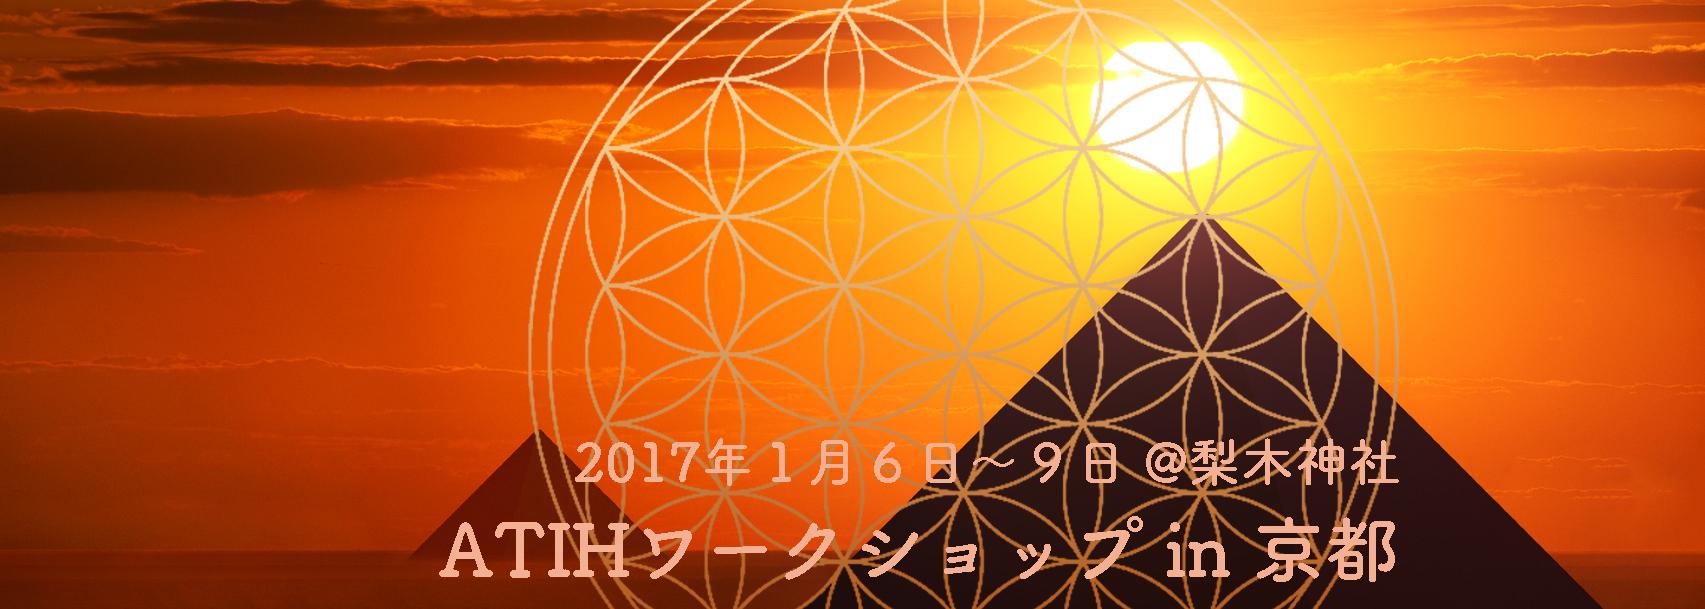 2017年新春のATIHワークショップ in 京都